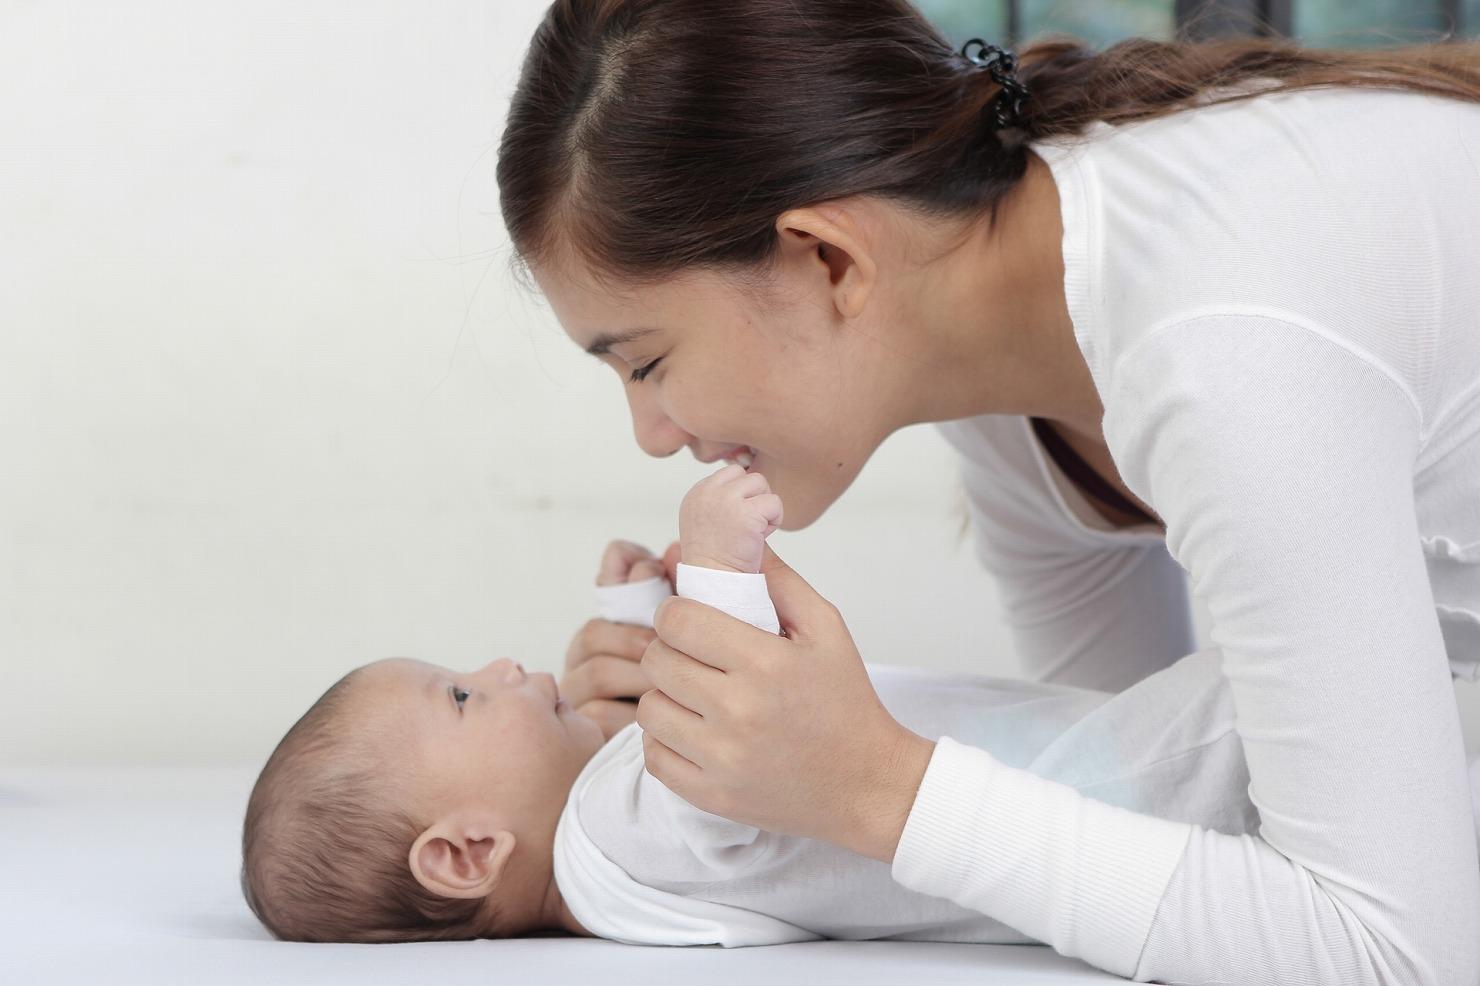 赤ちゃんと一緒に使いたいママ向け! おすすめ化粧水3選